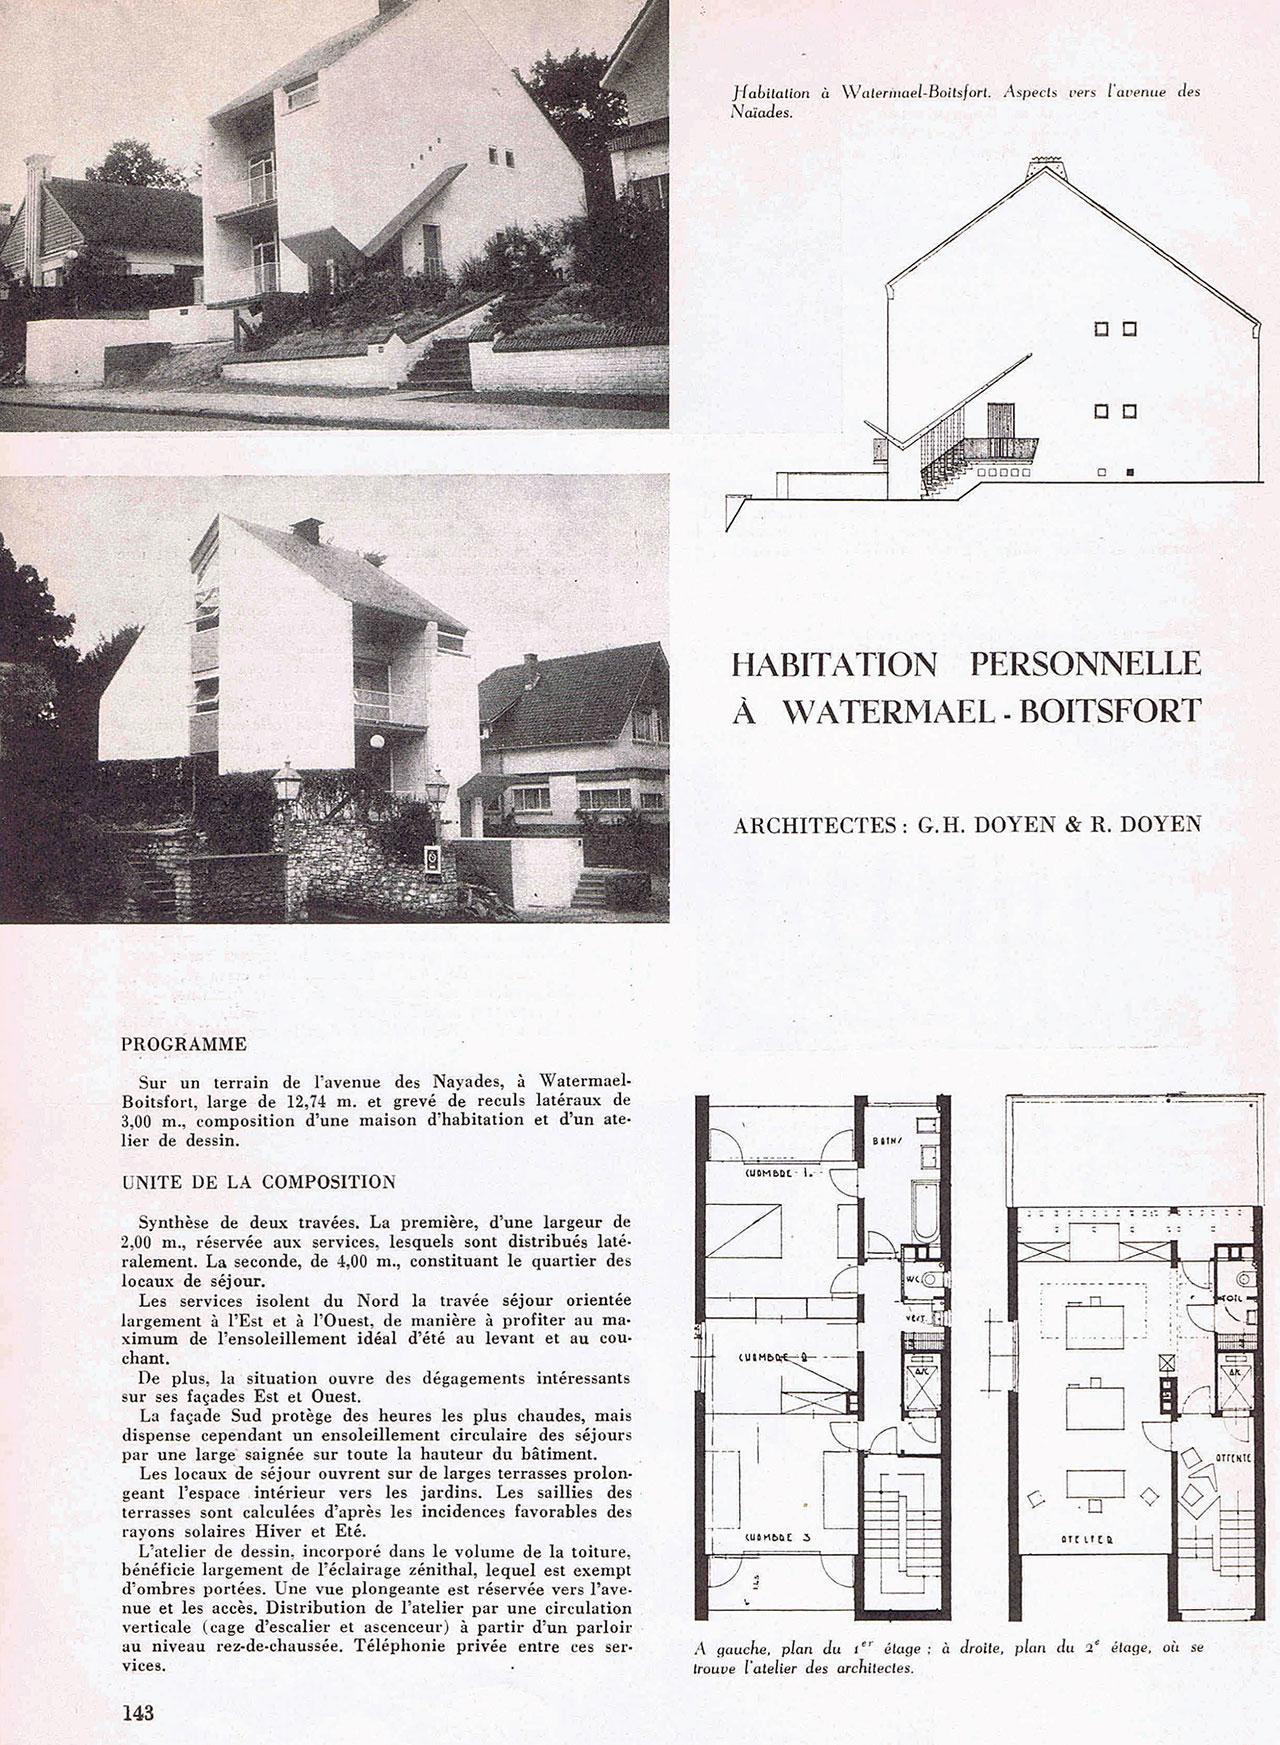 Habitation personelle à Watermael-Boitsfort